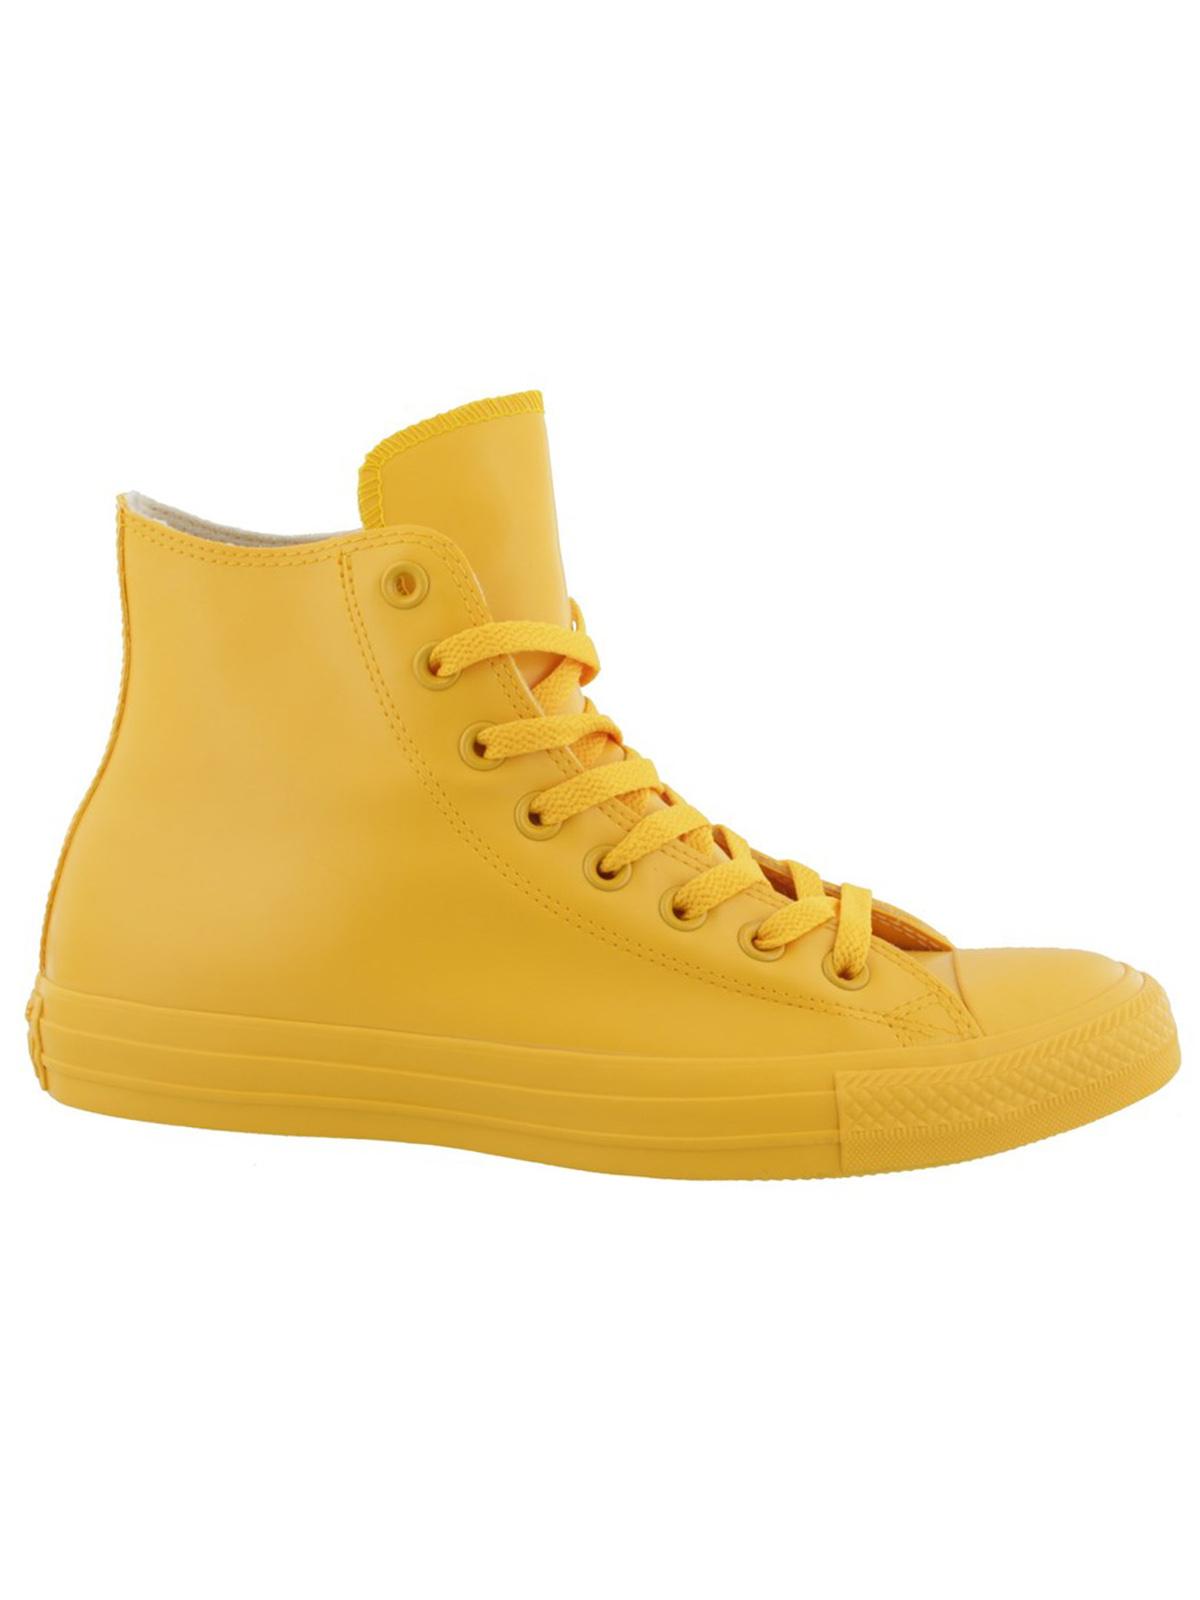 CONVERSE All Star Hi Rubber giallo